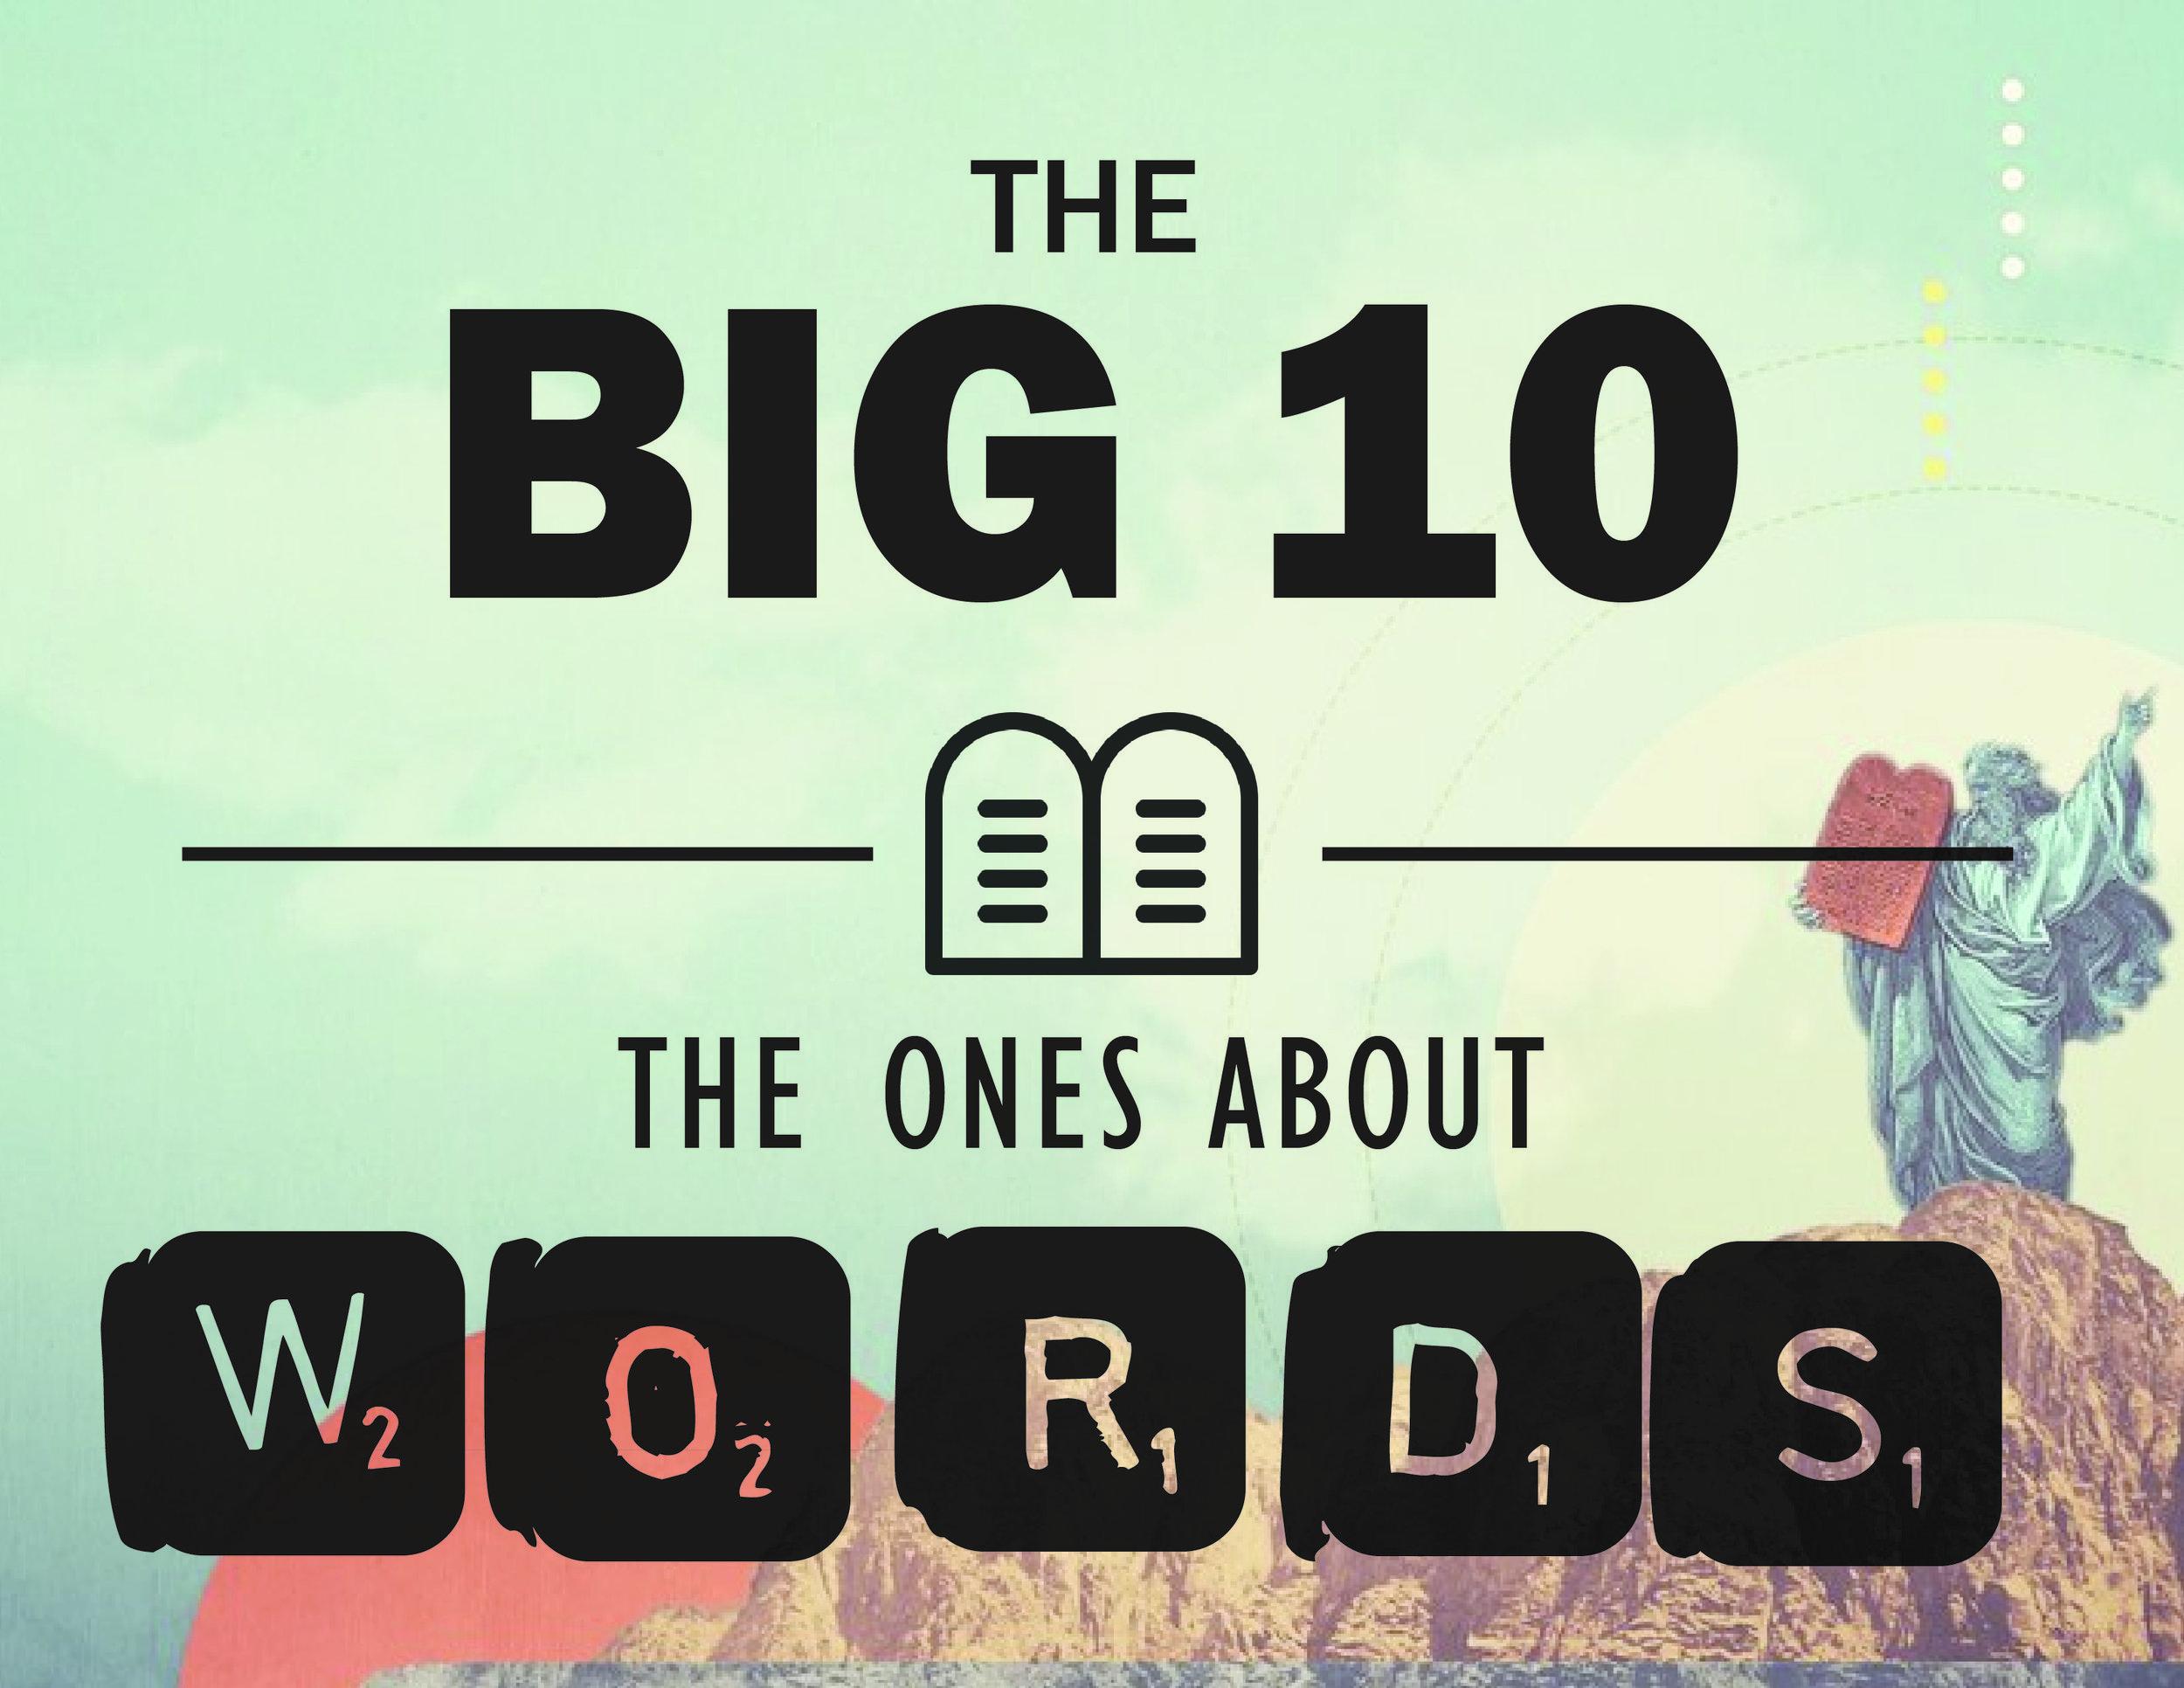 bigtenwords-01.jpg